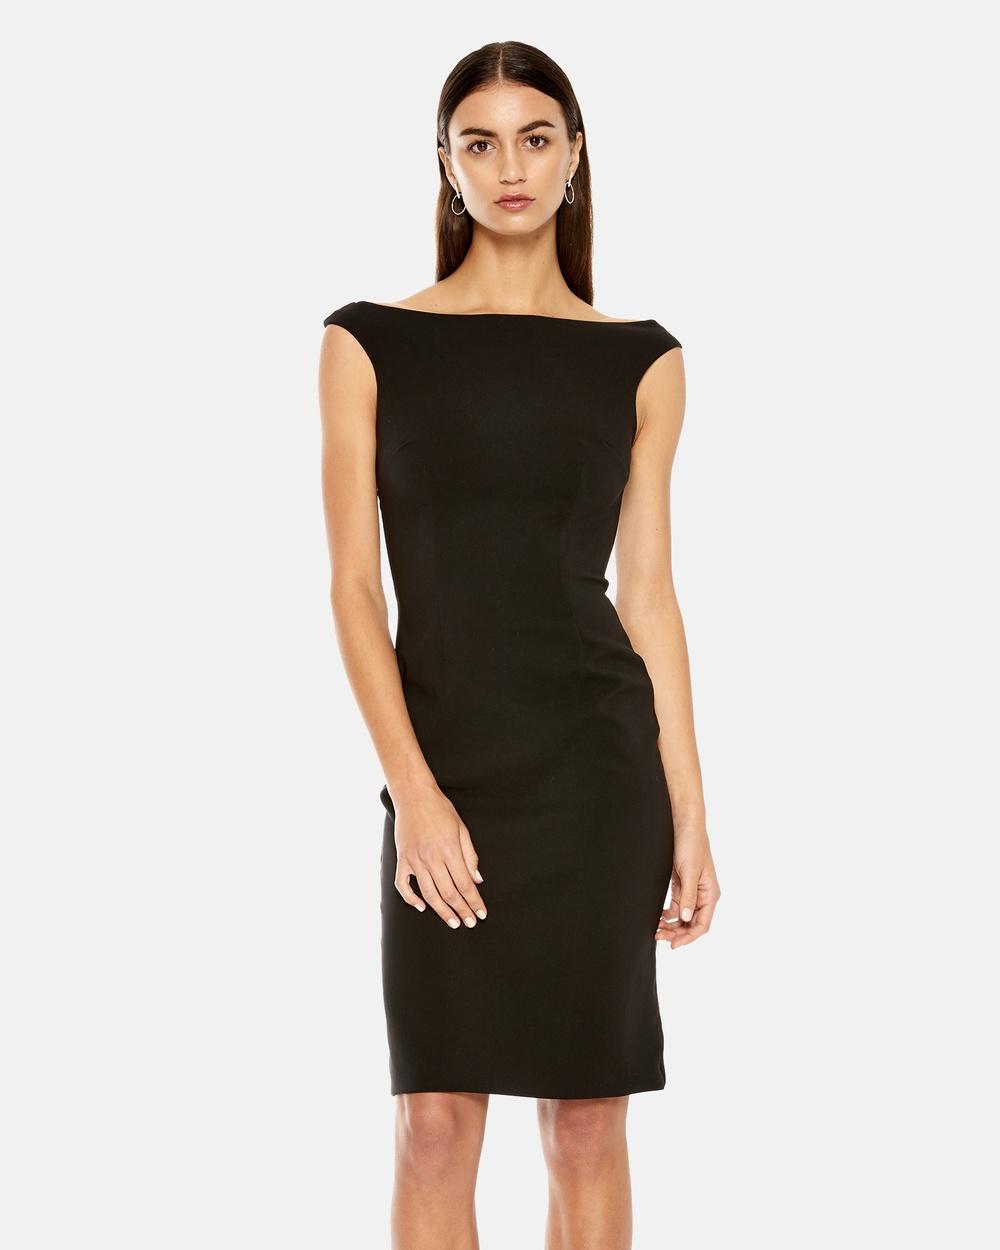 Maniera Black Bateau Midi Dress